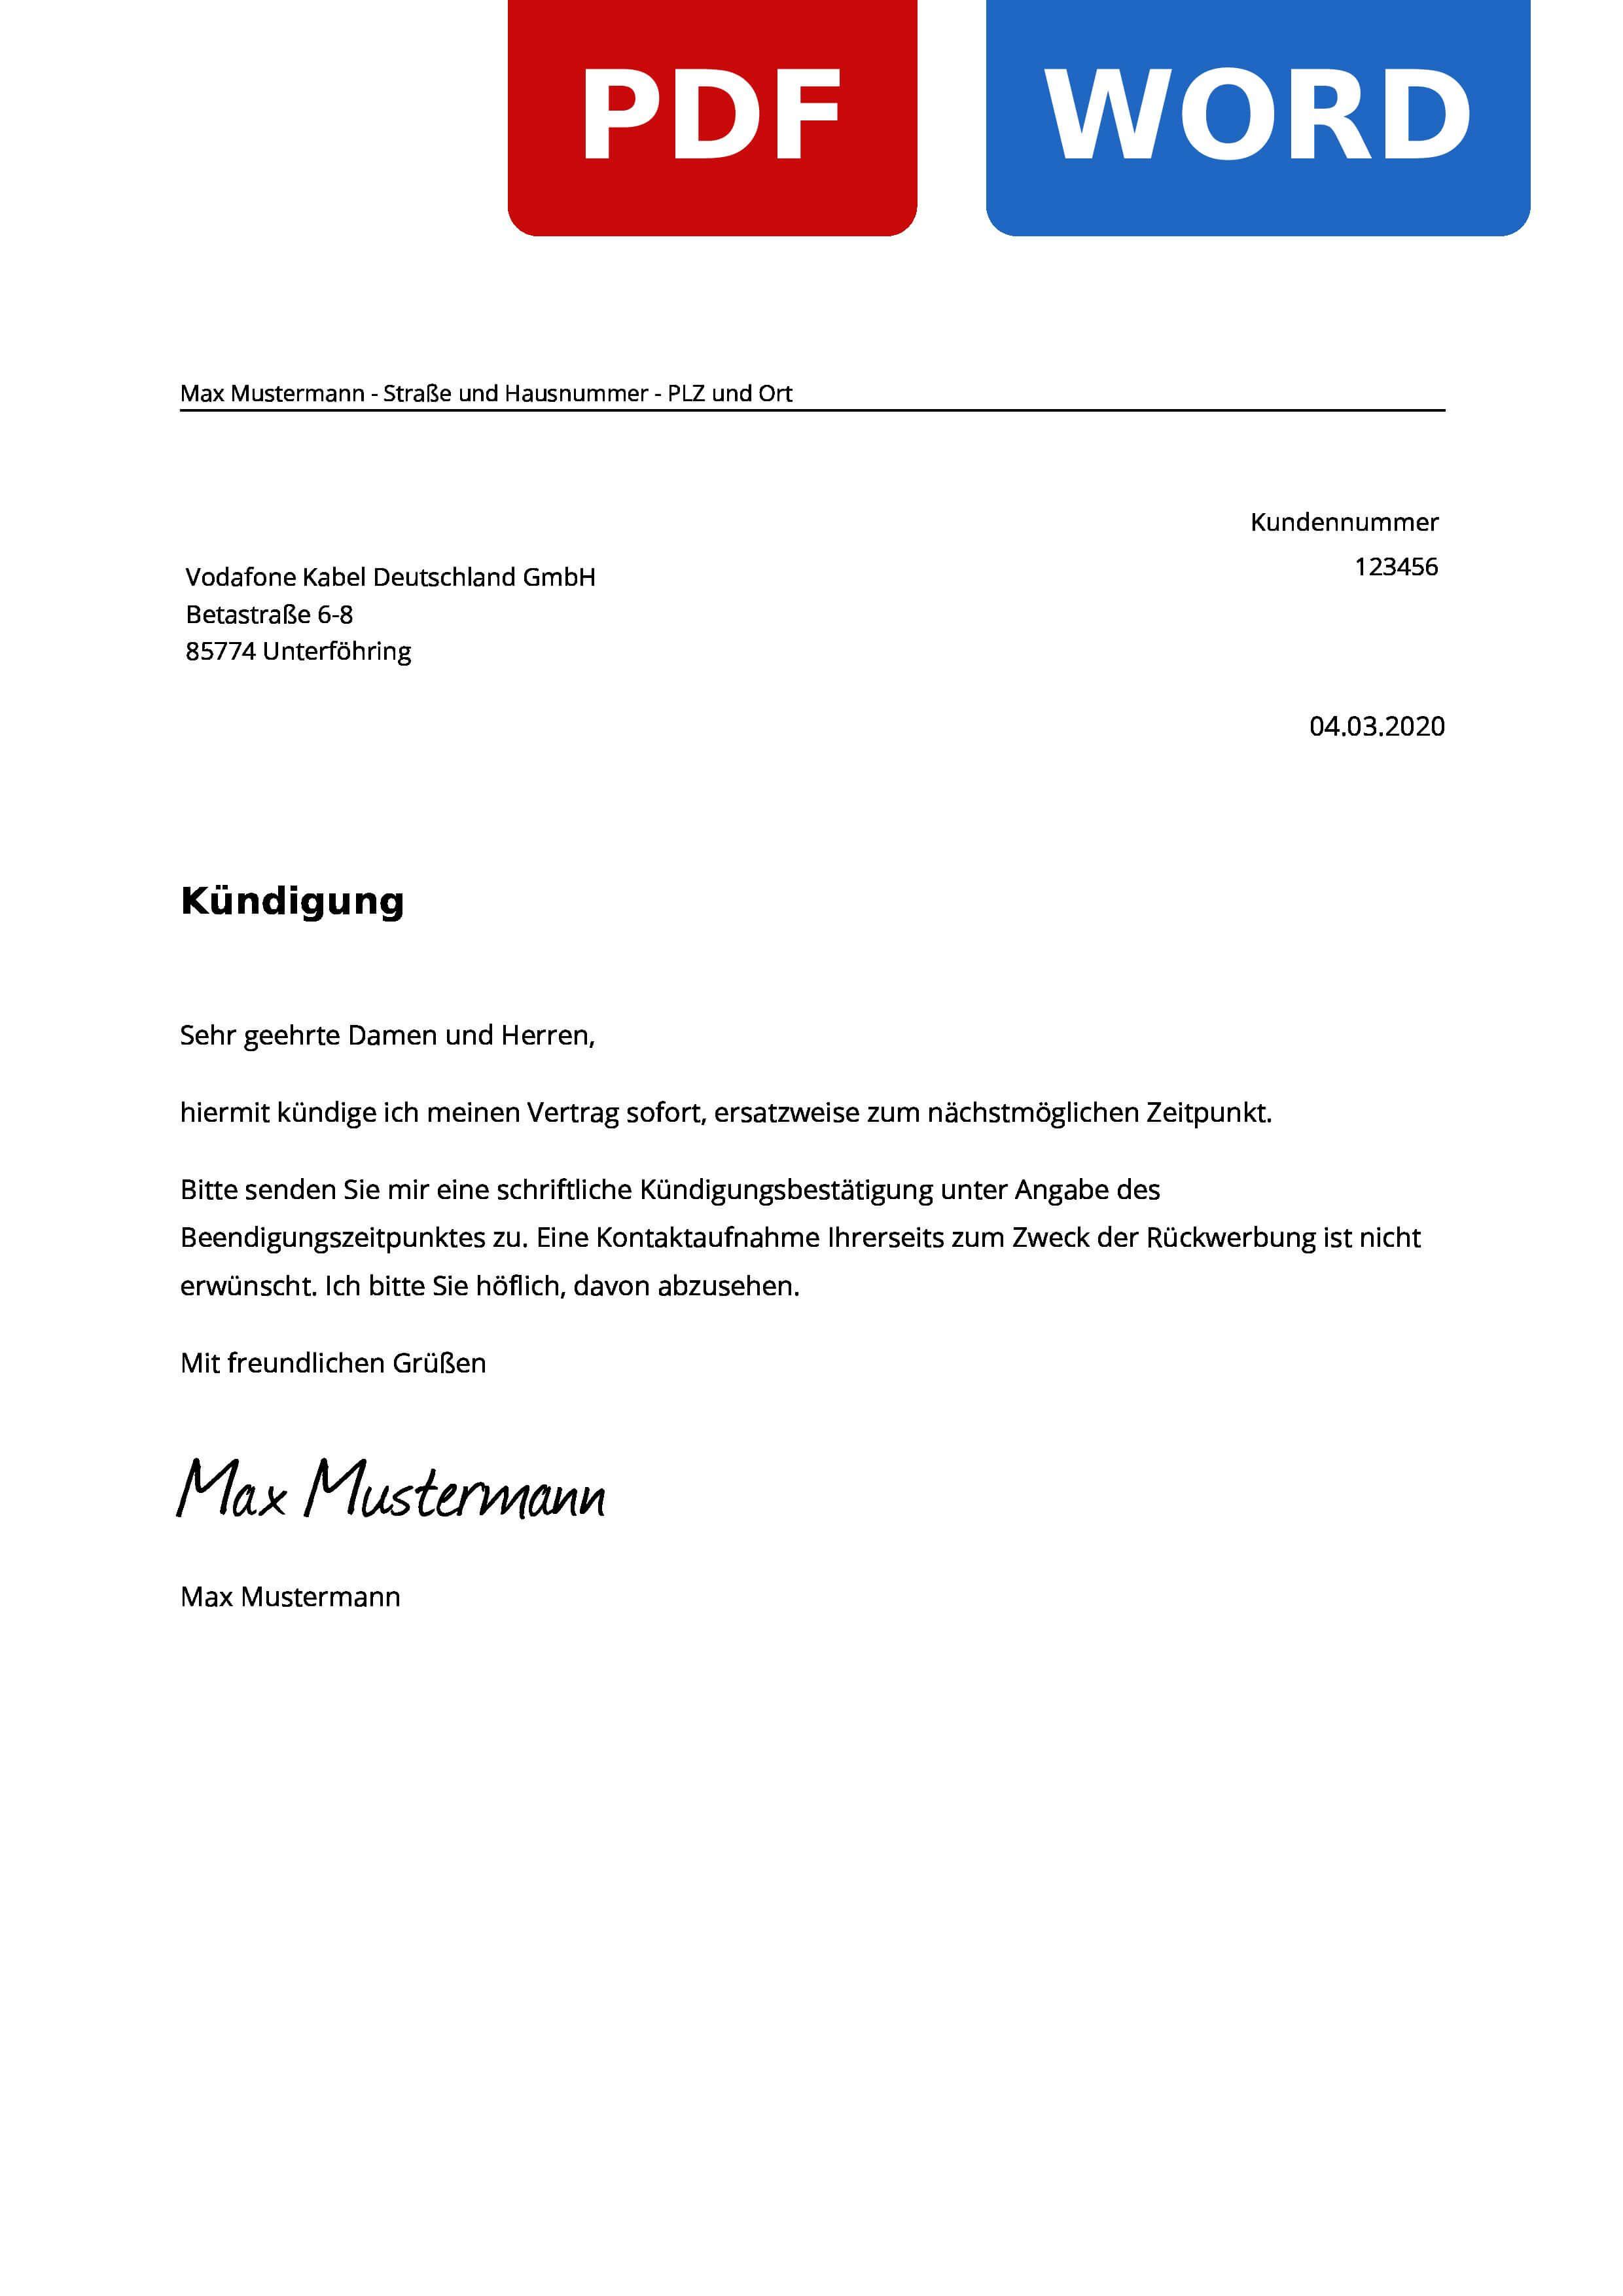 Kabel Deutschland Kundigen Muster Vorlage Pdf Word